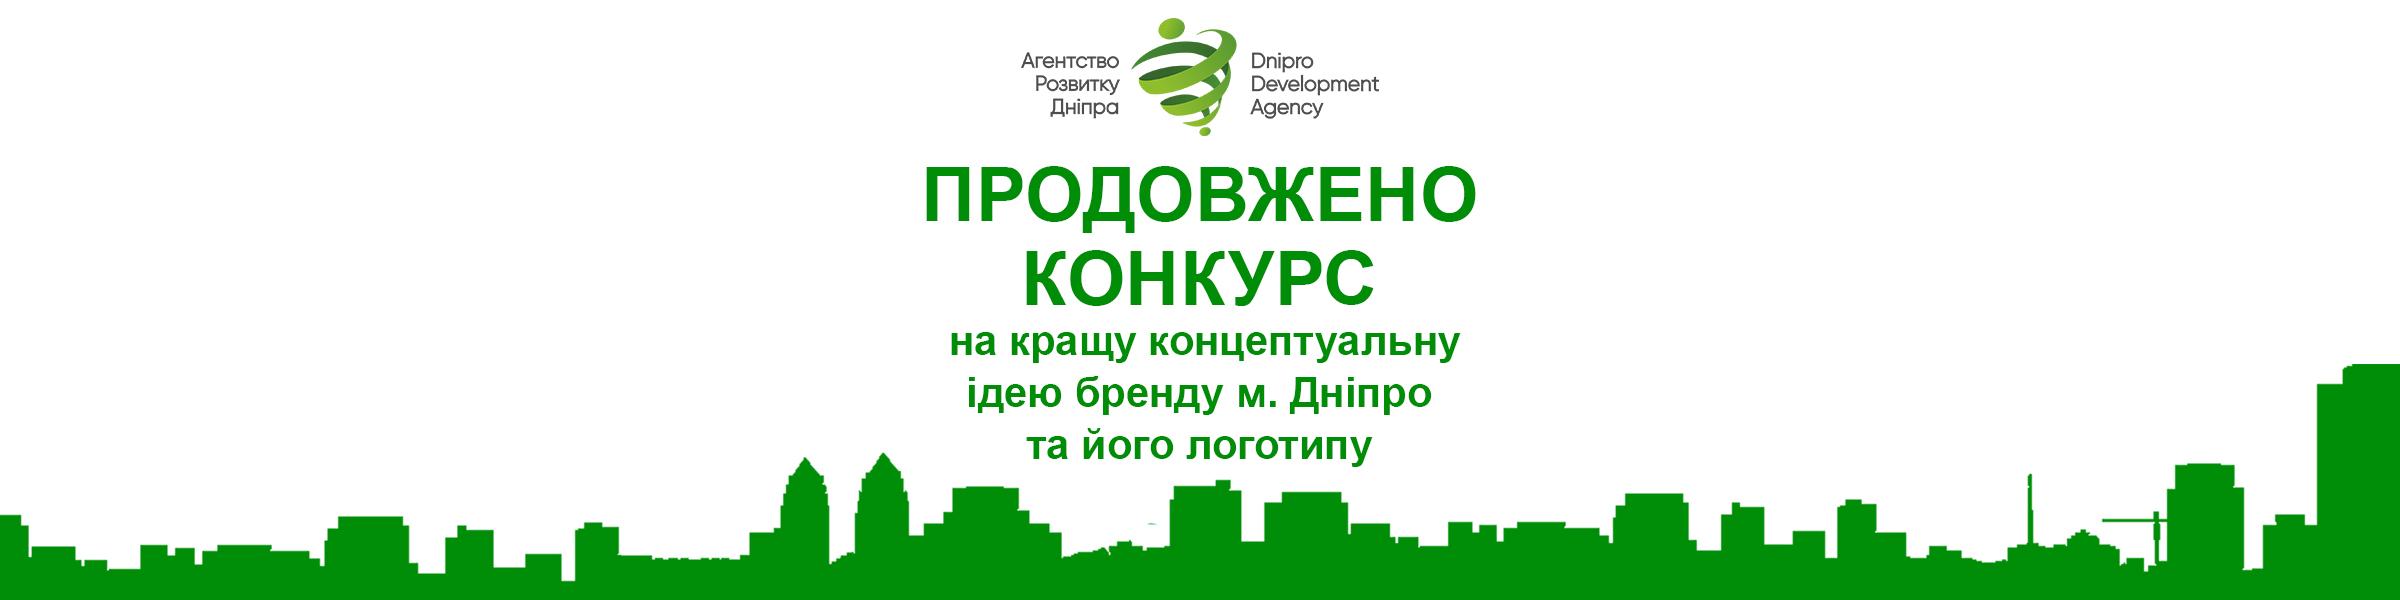 Увага! Конкурс на кращу концептуальну ідею бренду міста Дніпро та його логотипу продовжено